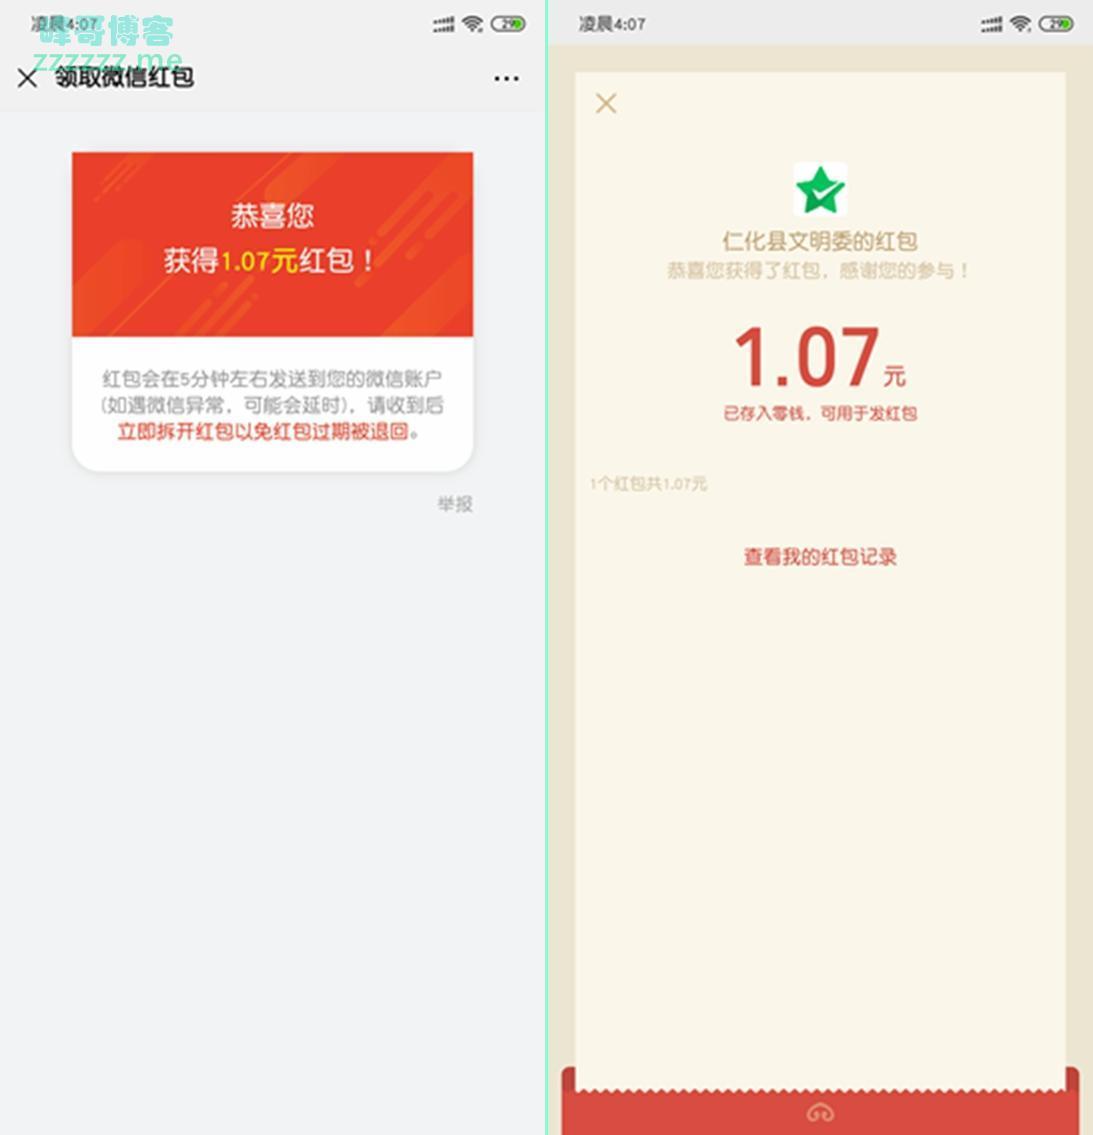 广东韶关仁化县2019文明城市调查问卷 简单答题领随机微信红包